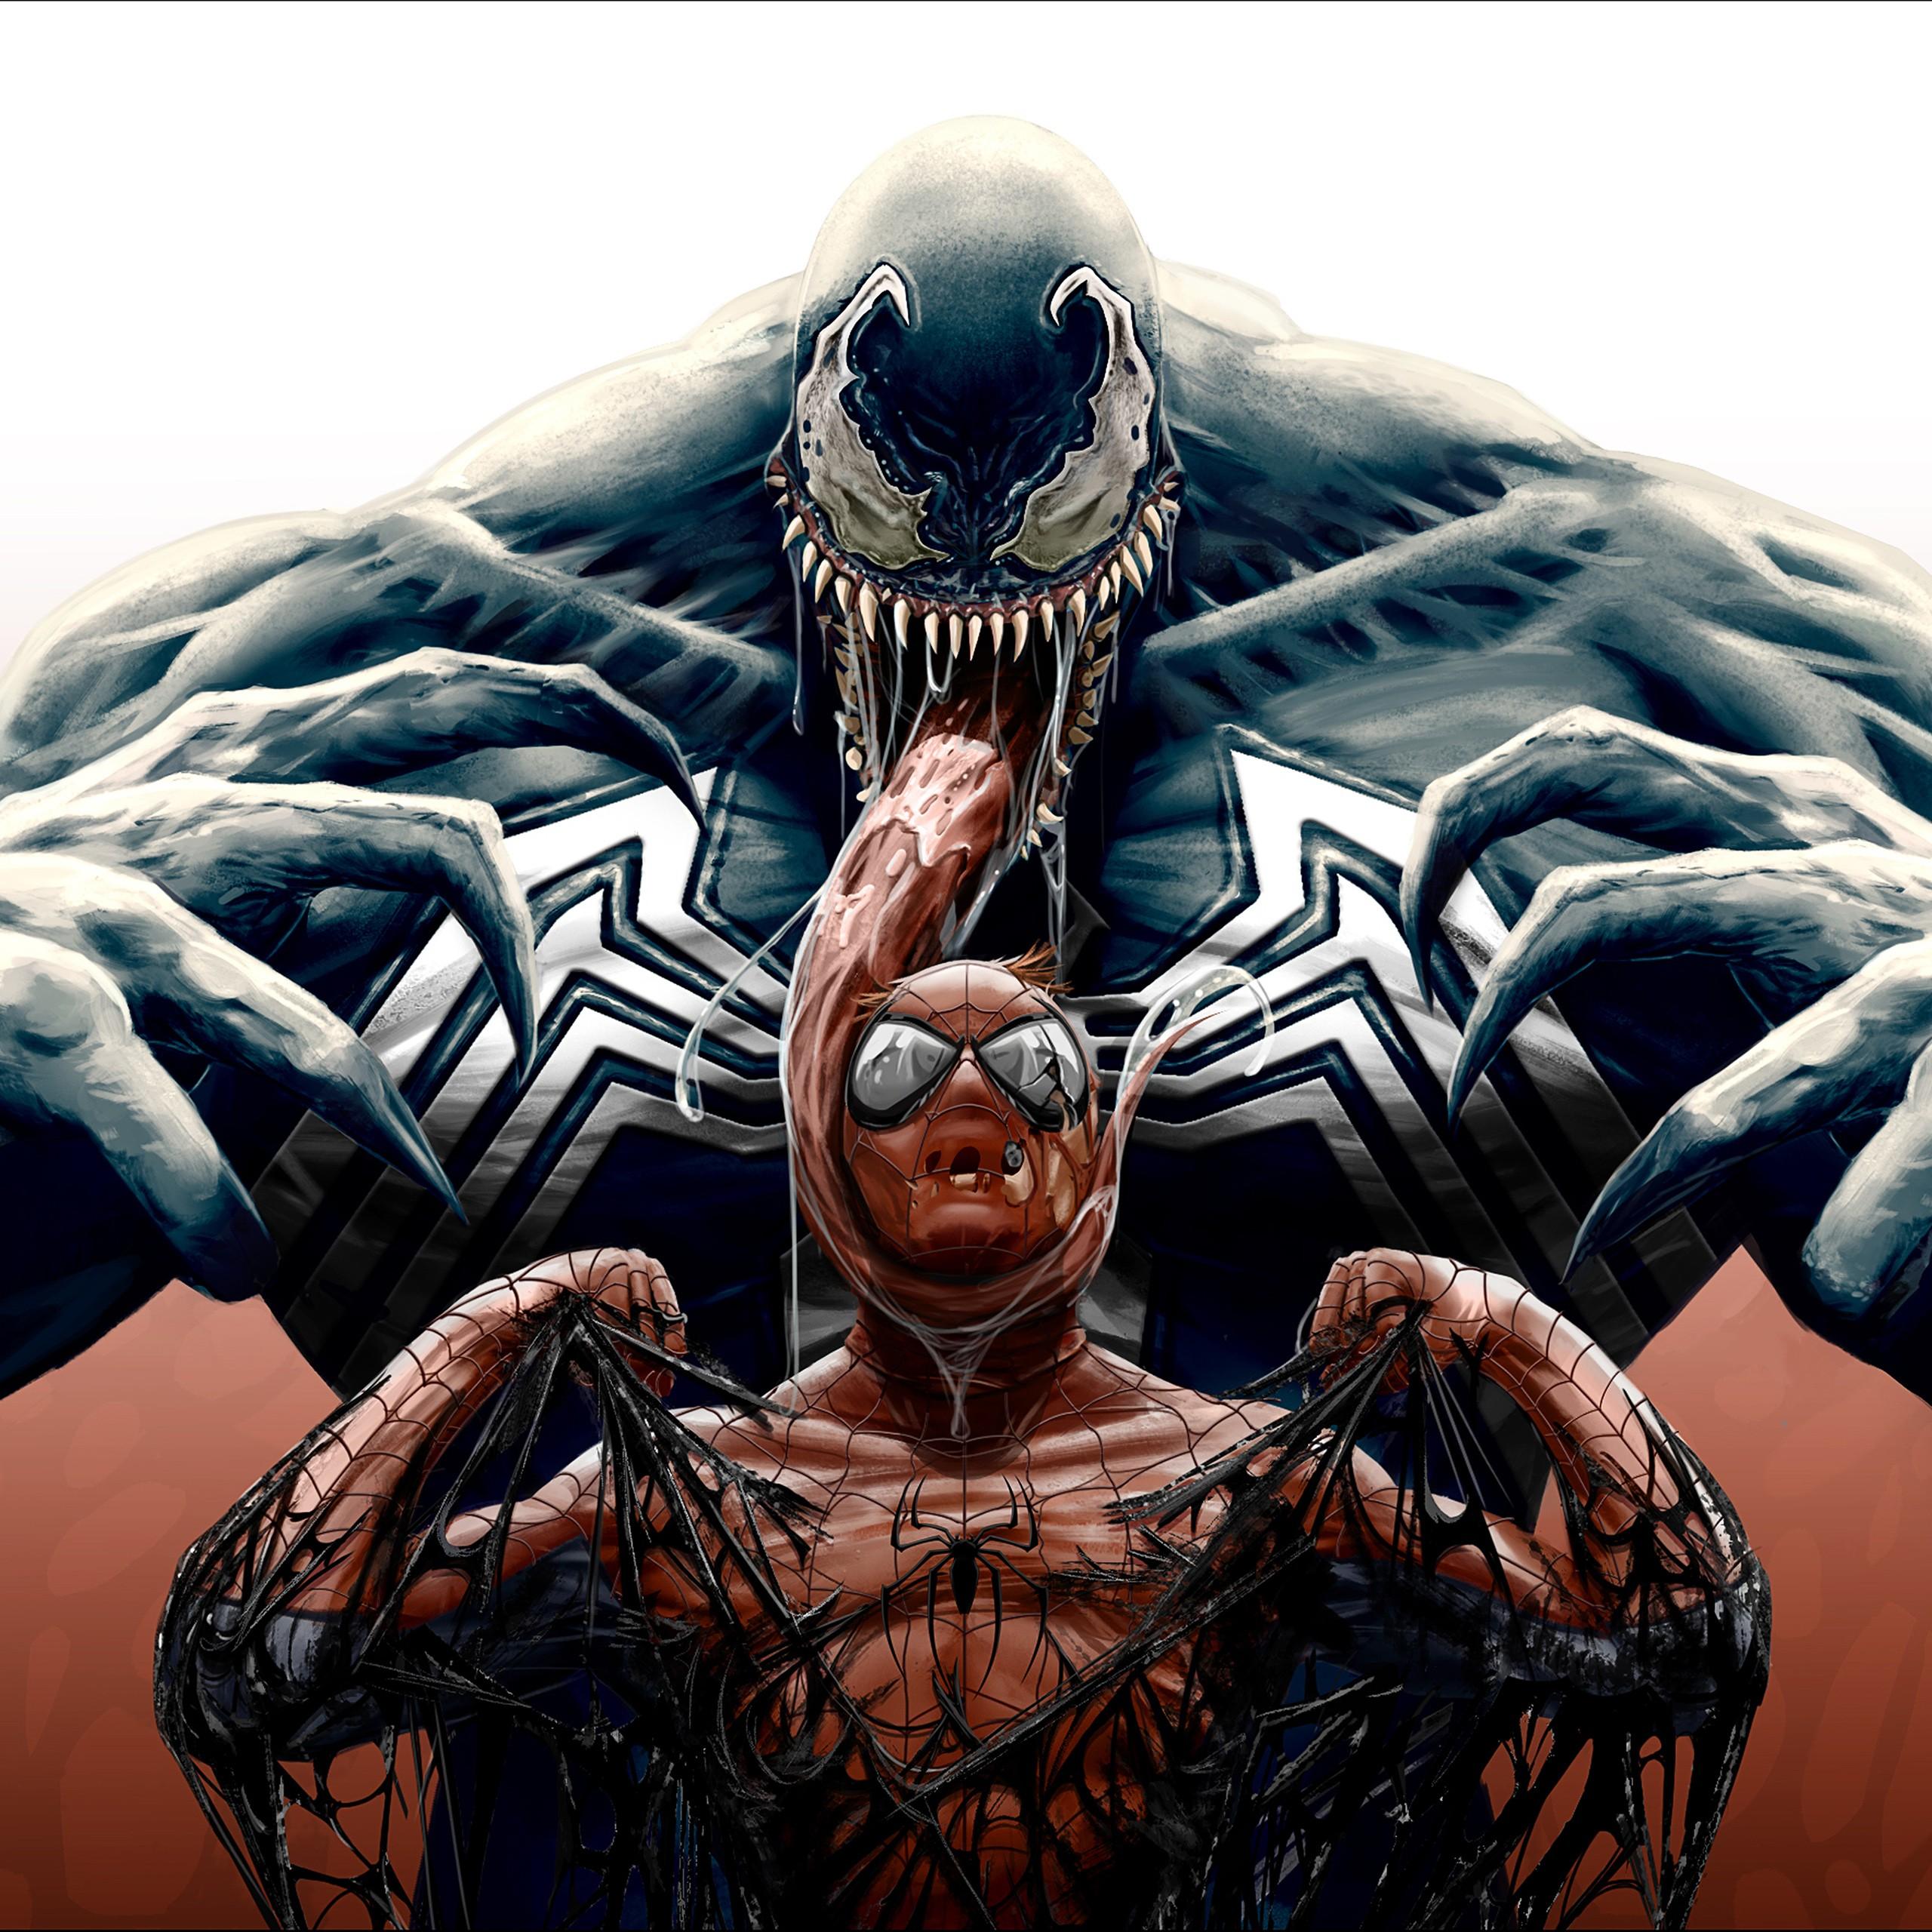 Spiderman Hd Wallpaper Venom Vs Spider Man Artwork 4k Wallpapers Hd Wallpapers